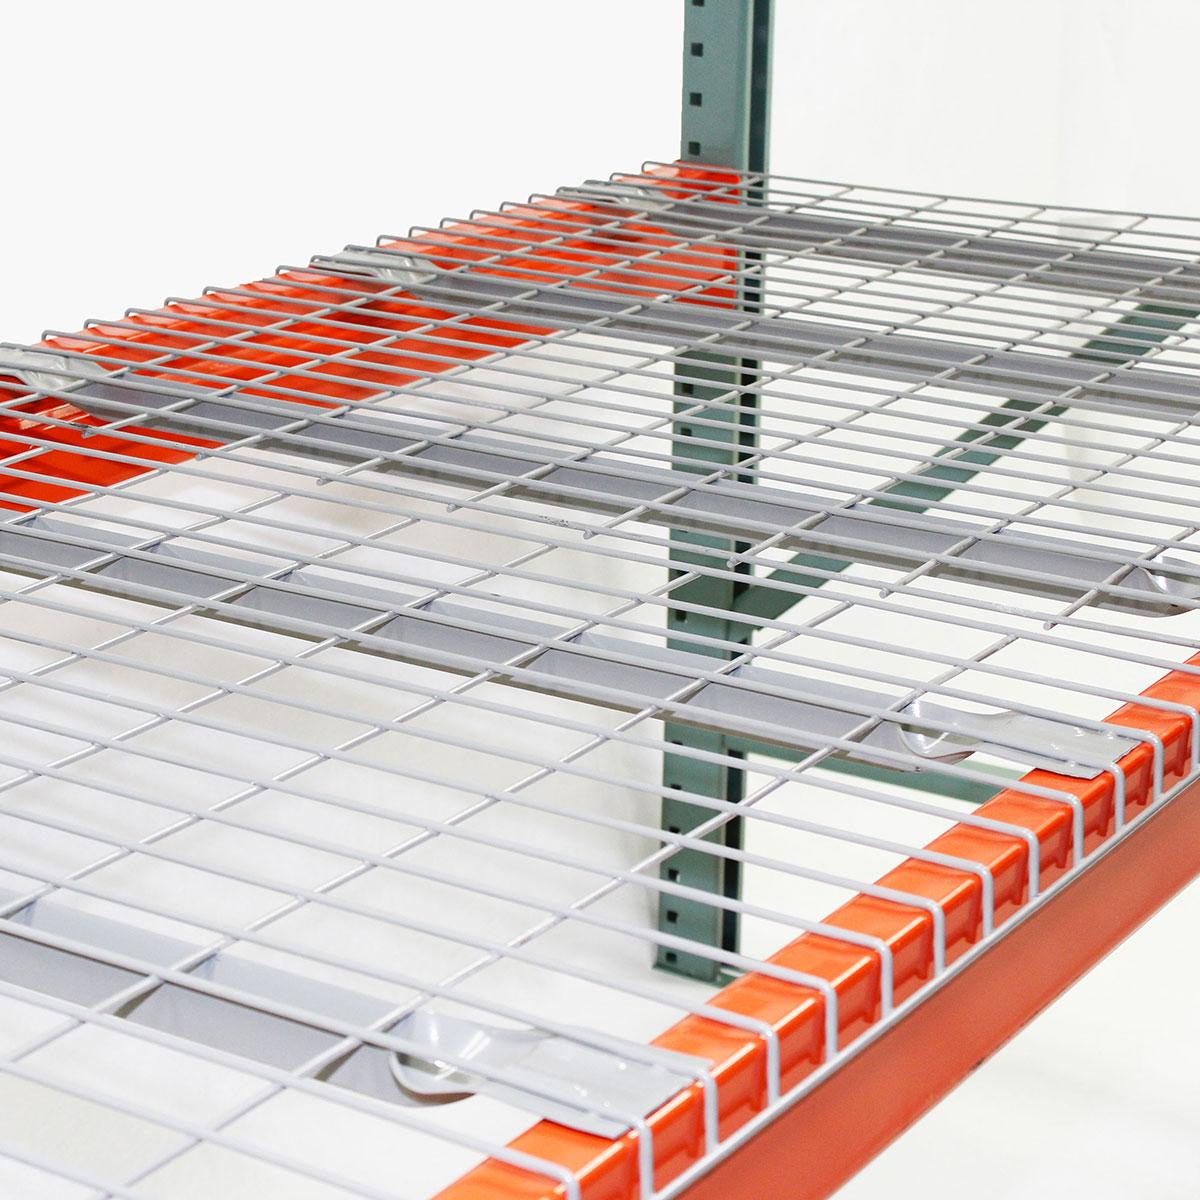 mesh-decks